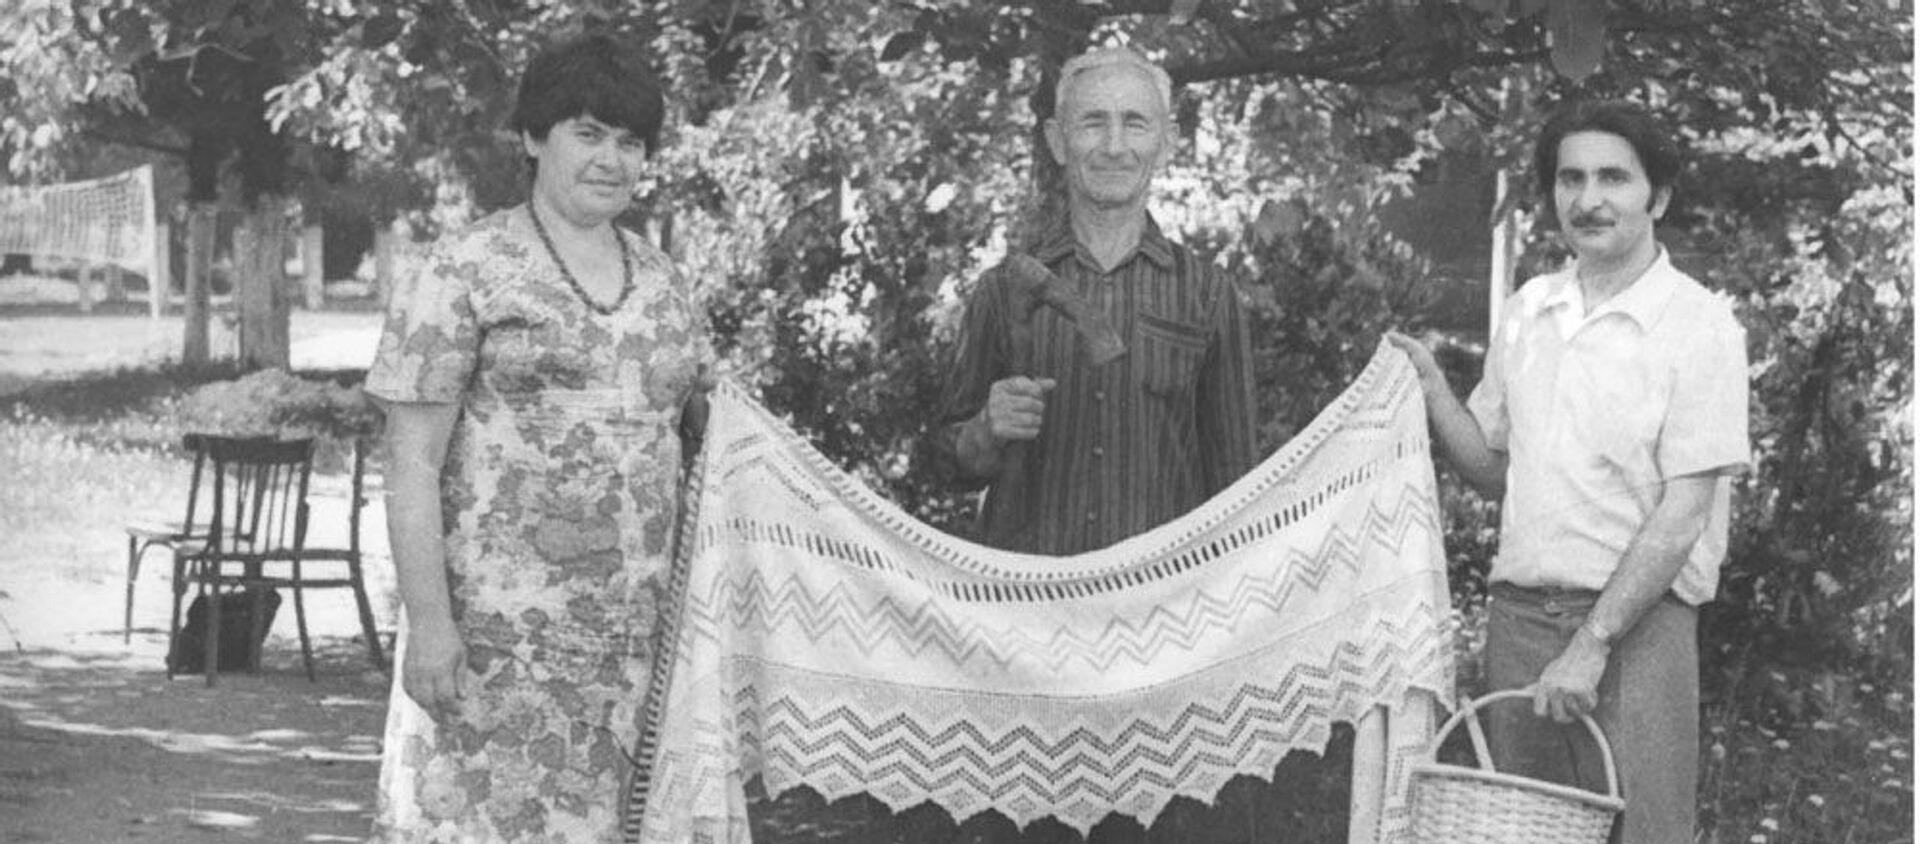 В Ачандаре вместе директором сельского музея Алексеем Хагба и начальником экспедиции в Гудаутский район Артуром Аншба - Sputnik Абхазия, 1920, 23.02.2019